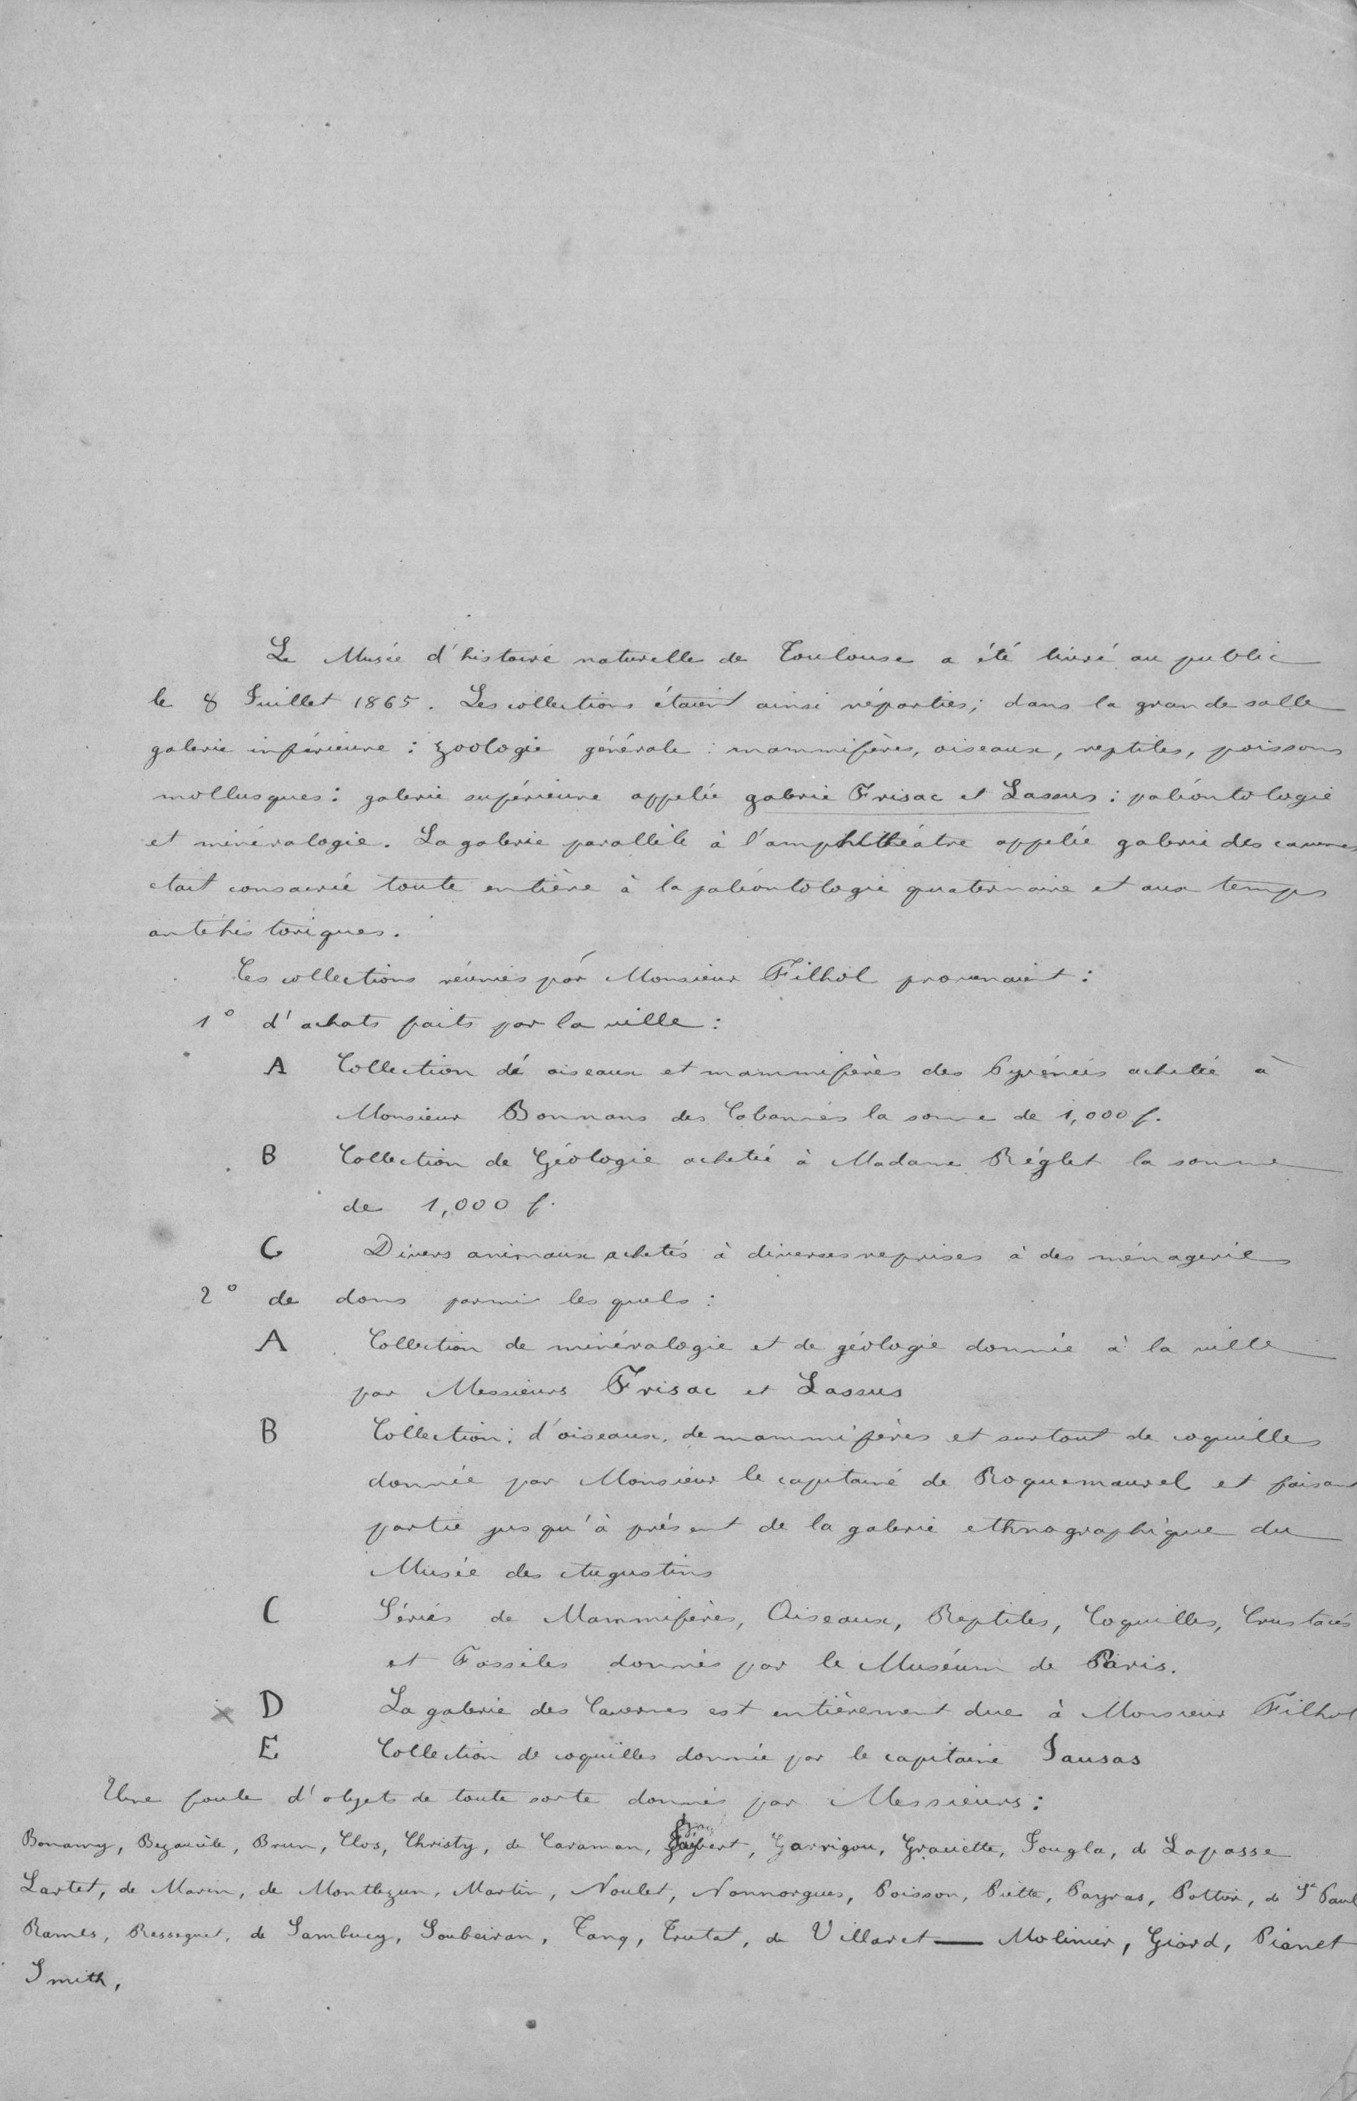 Extrait du registre des entrées du muséum de Toulouse 1866-1870